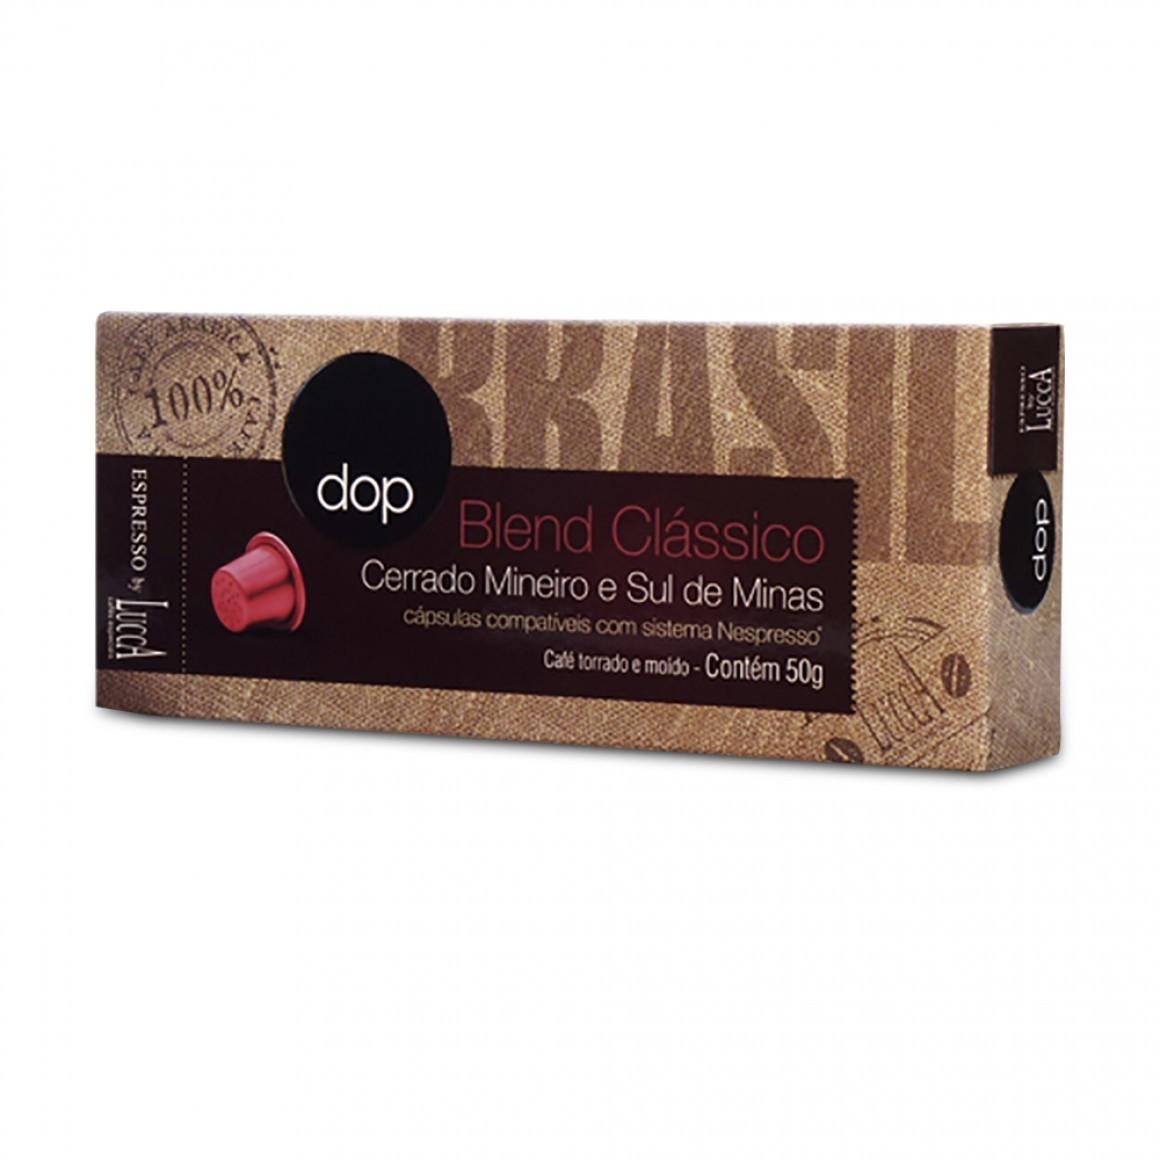 Cápsulas de Café Dop Blend Classico - Compatíveis com Nespresso® - 10 un.